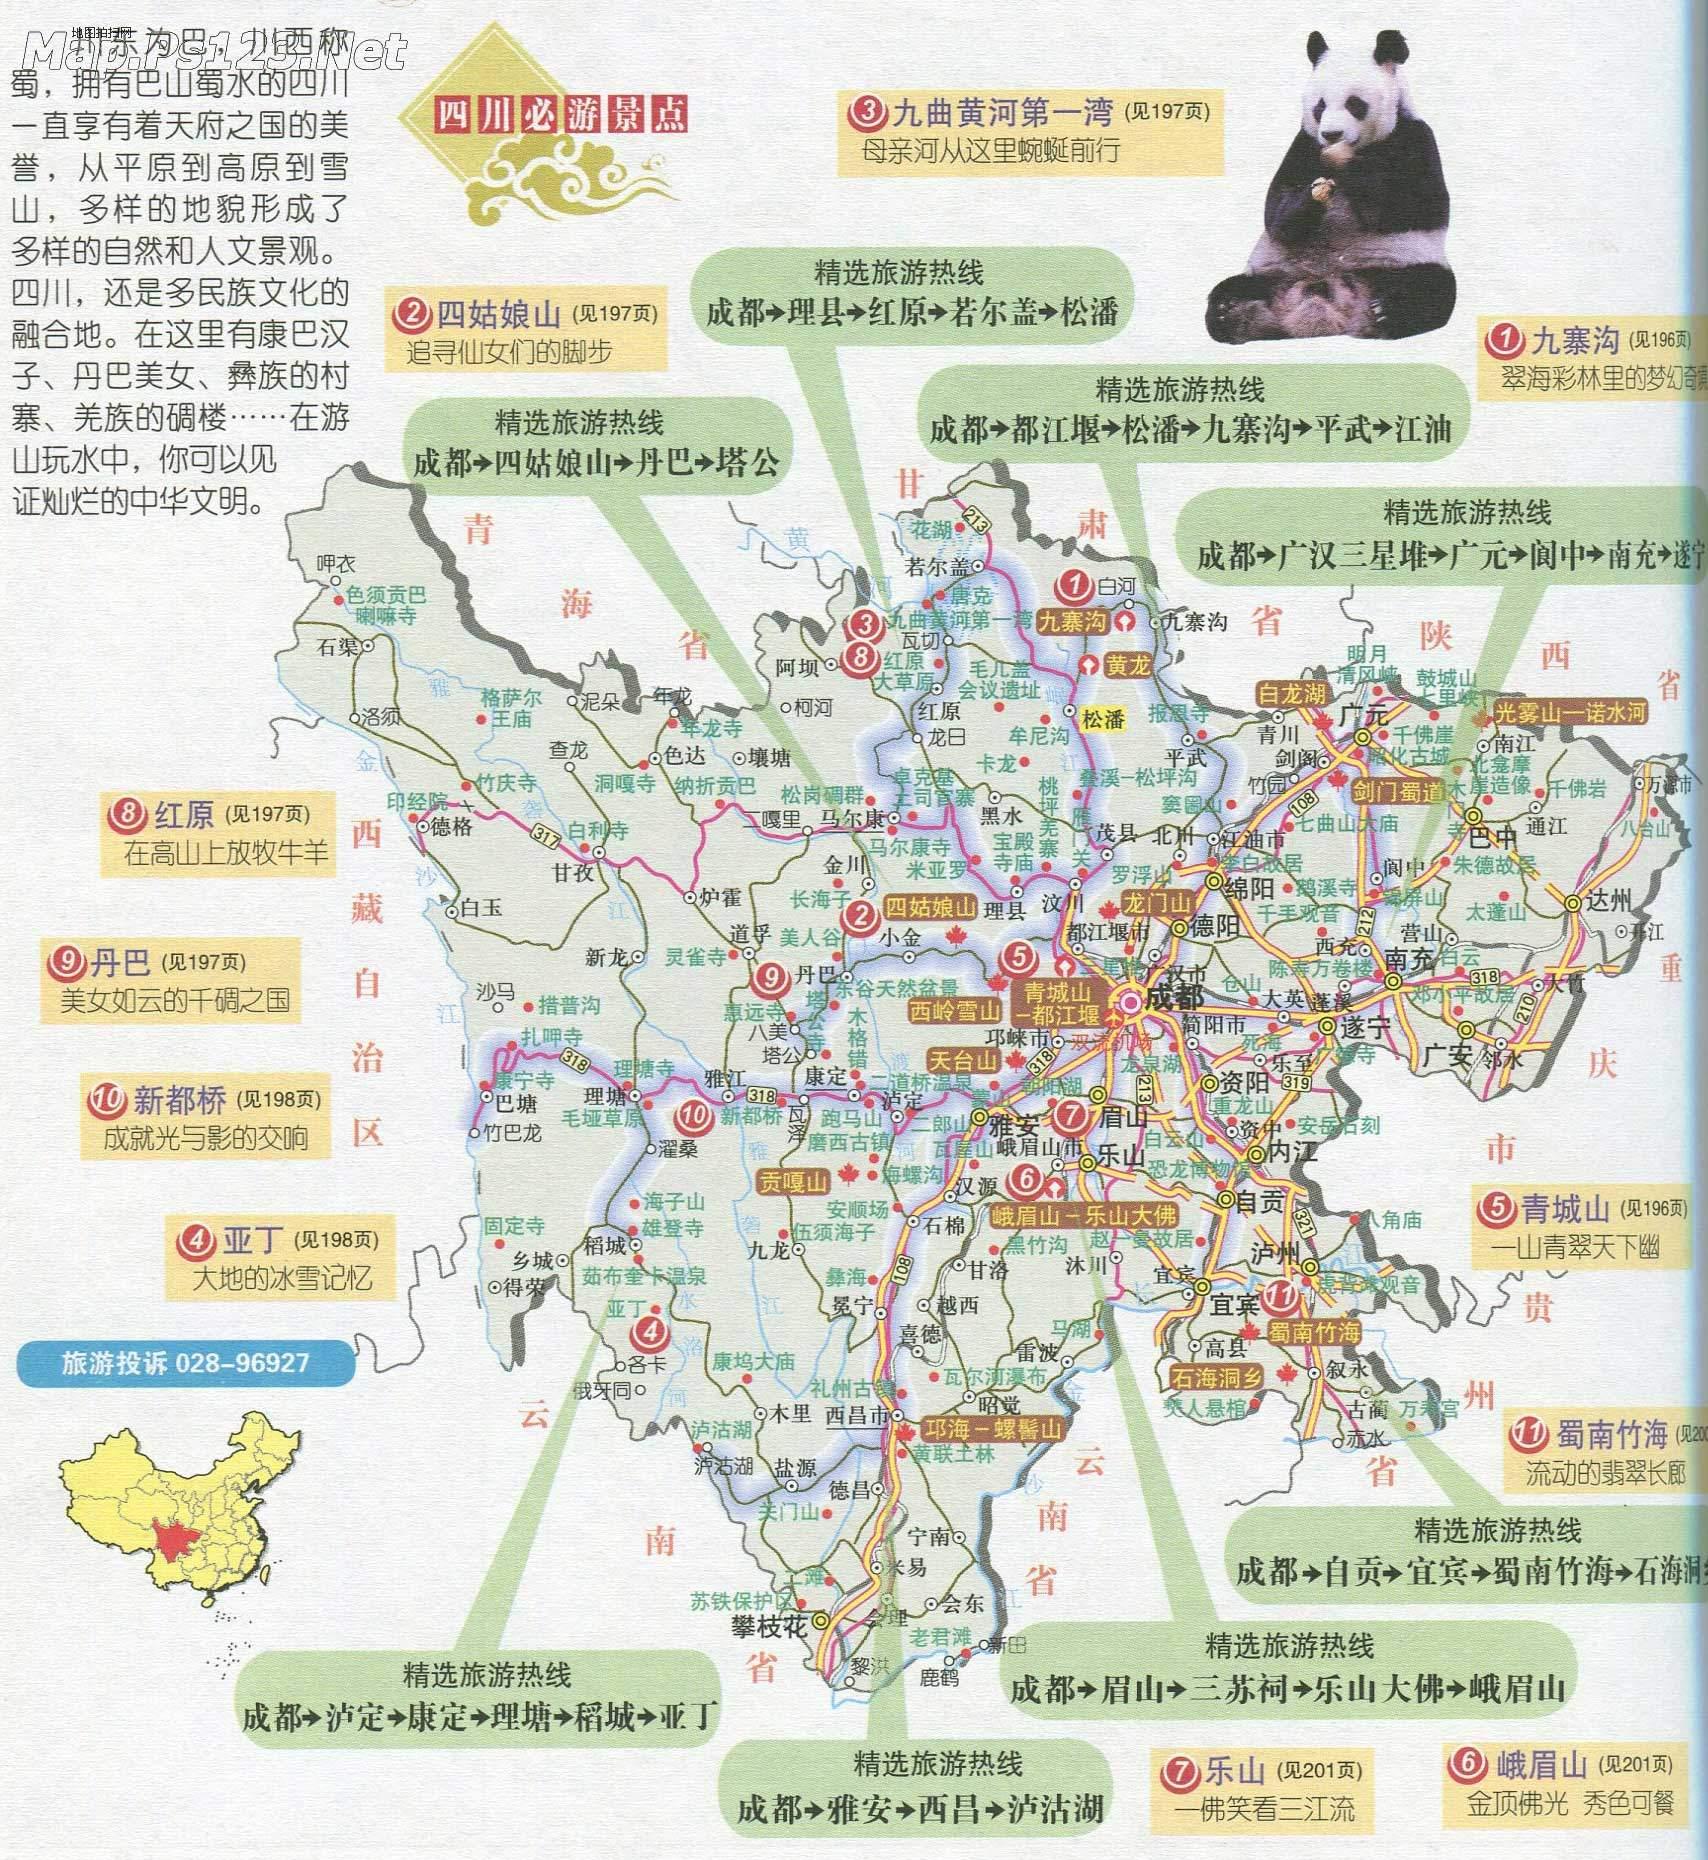 四川省旅游地图(必游景点)